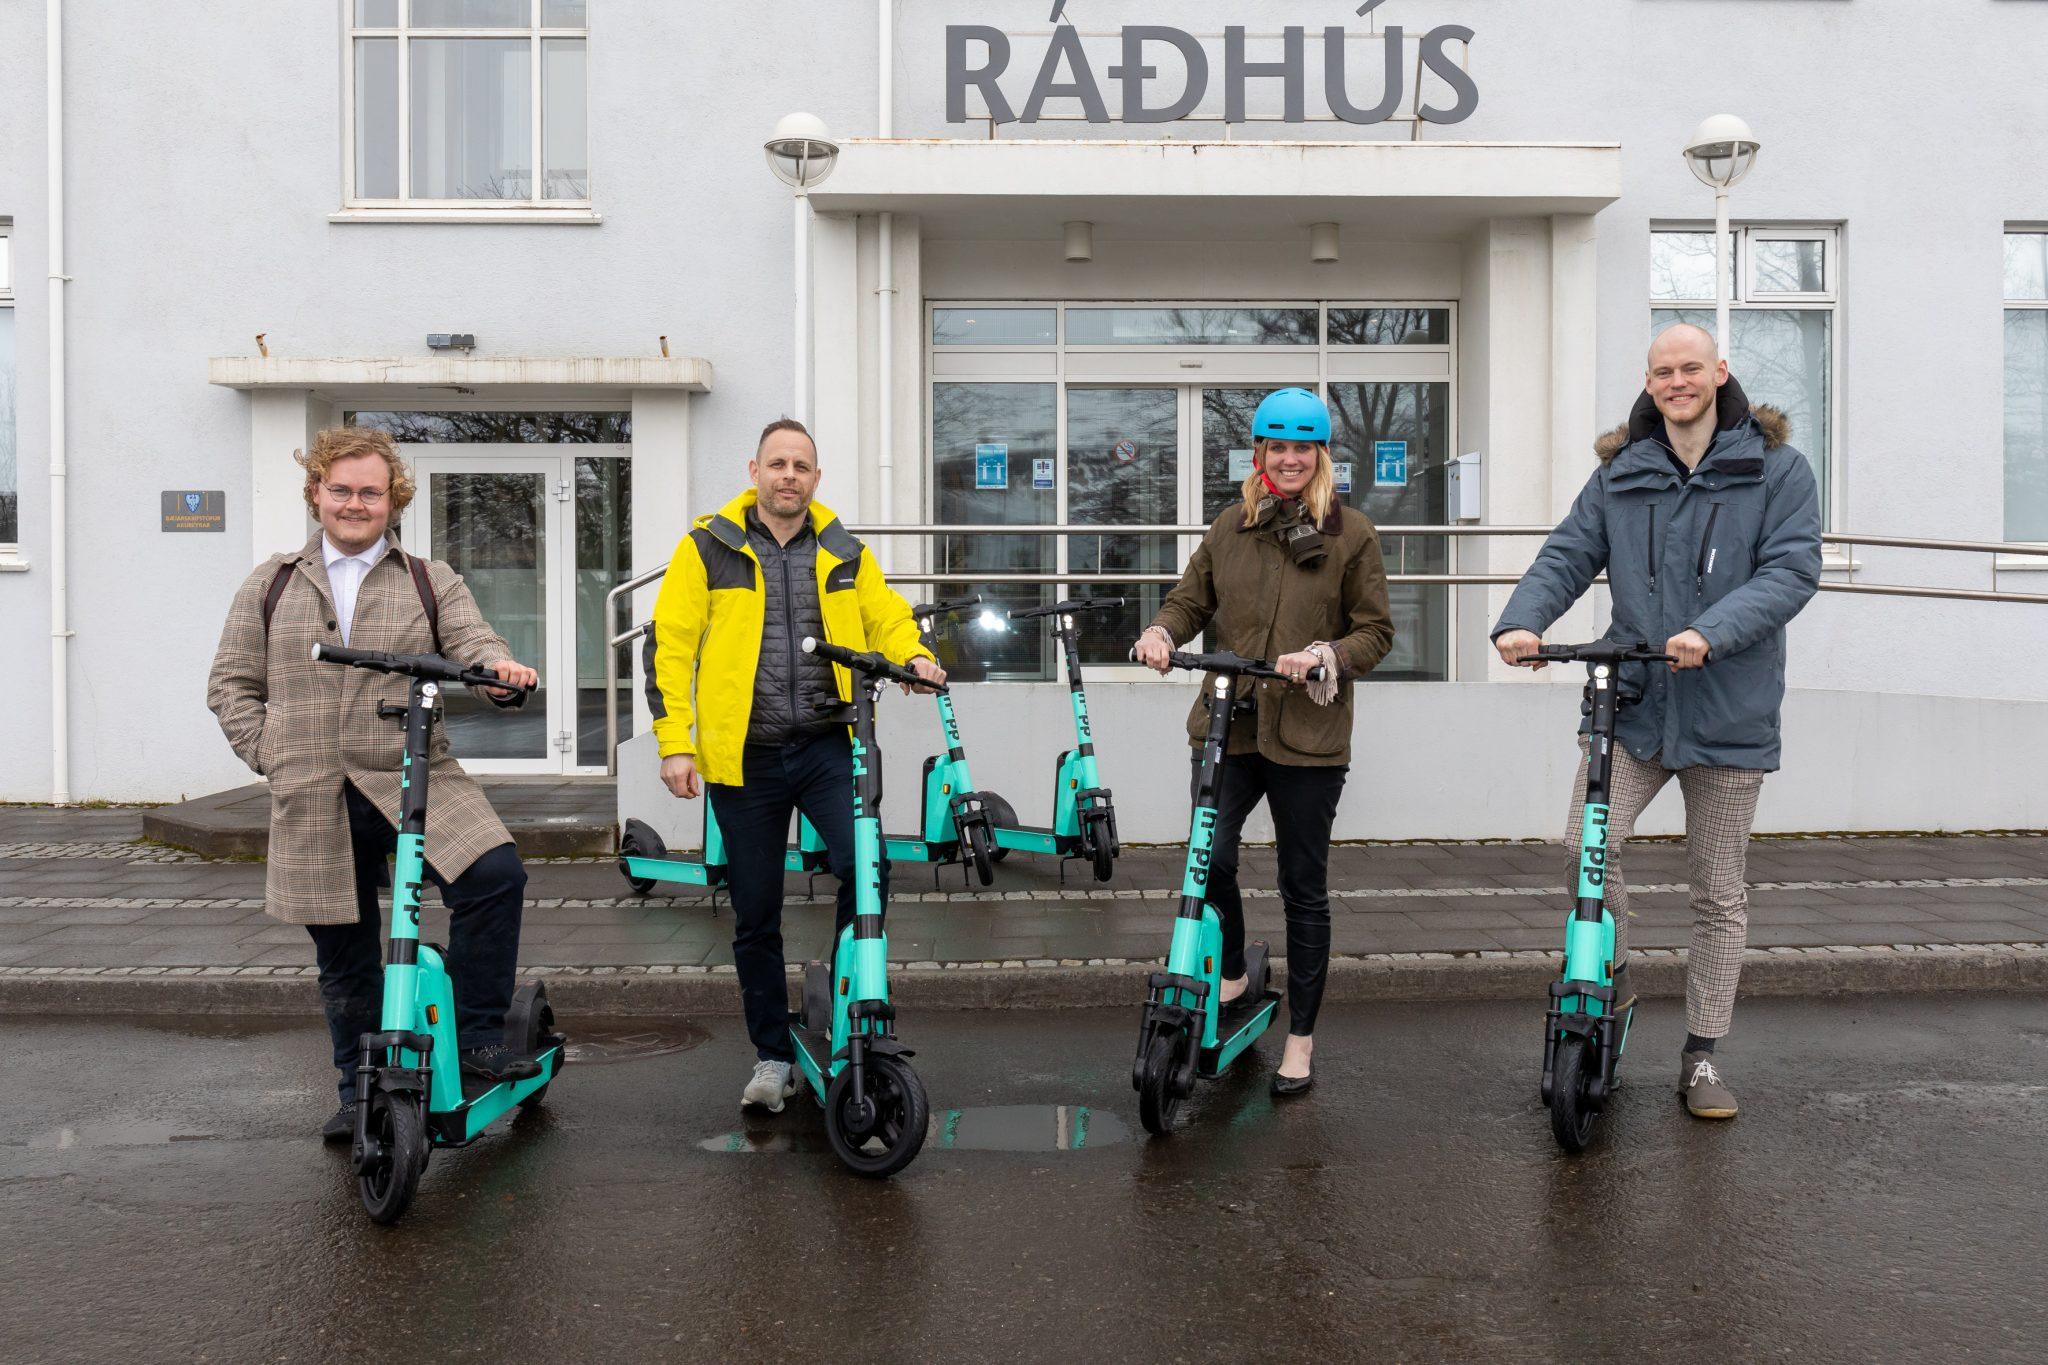 Búið að opna rafskútuleigu Hopp á Akureyri